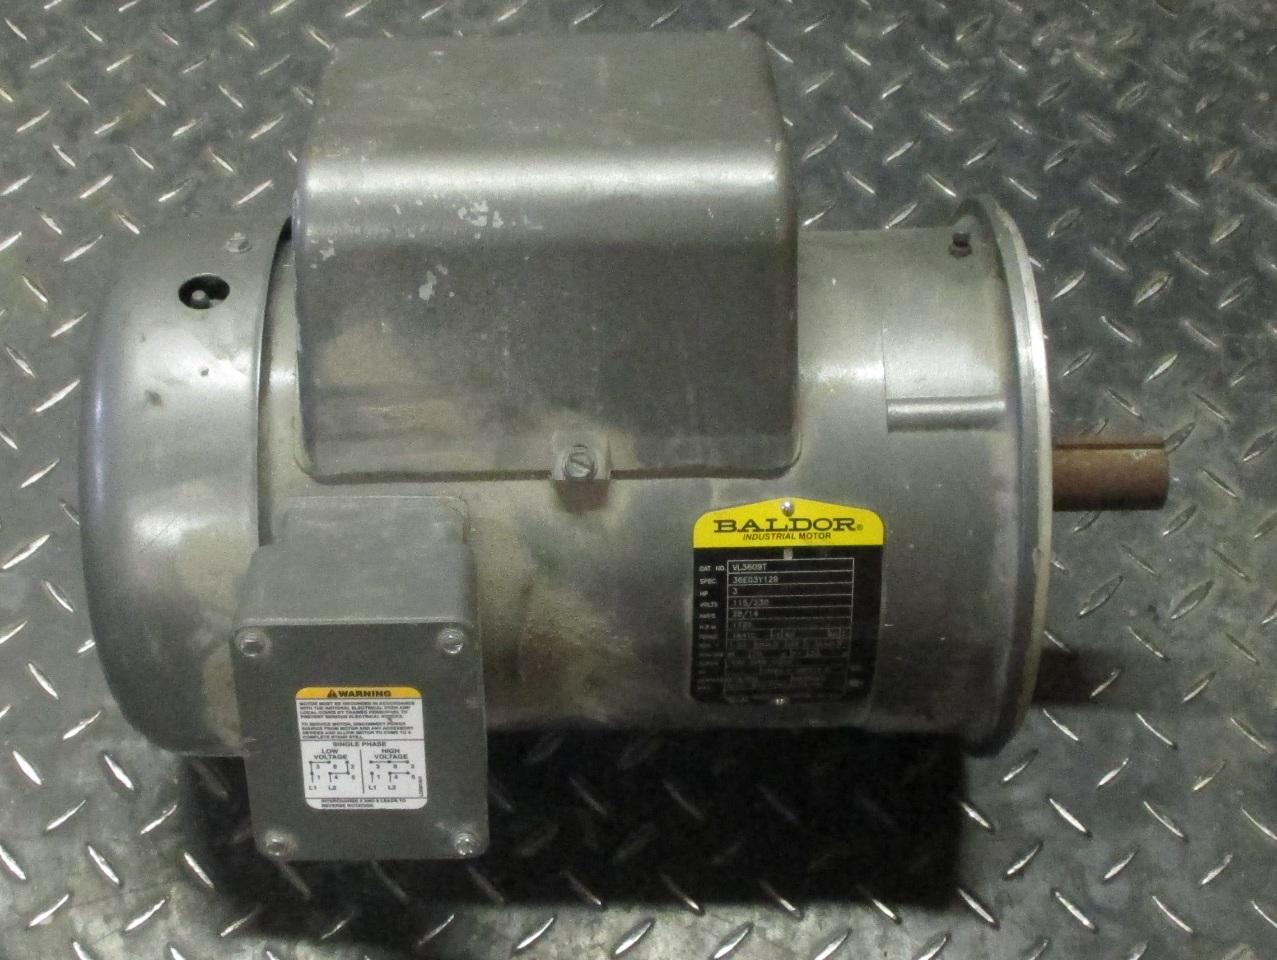 Baldor Ac Motor Vl3609t 3 Hp Daves Industrial Surplus Llc